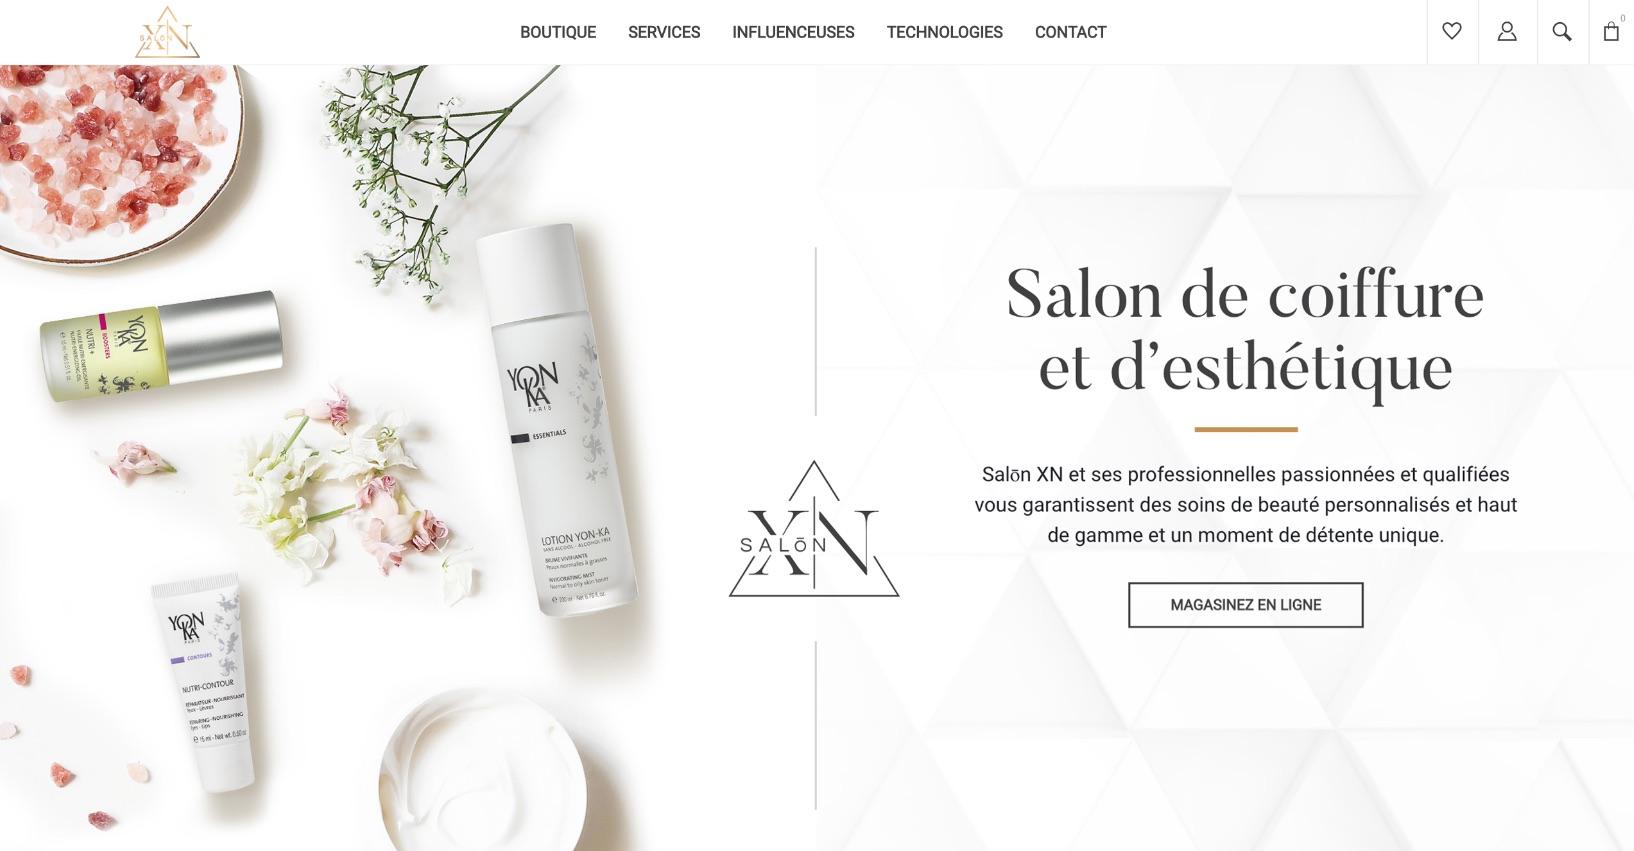 Concept visuel professionnel | Carrousel texte | Icônes